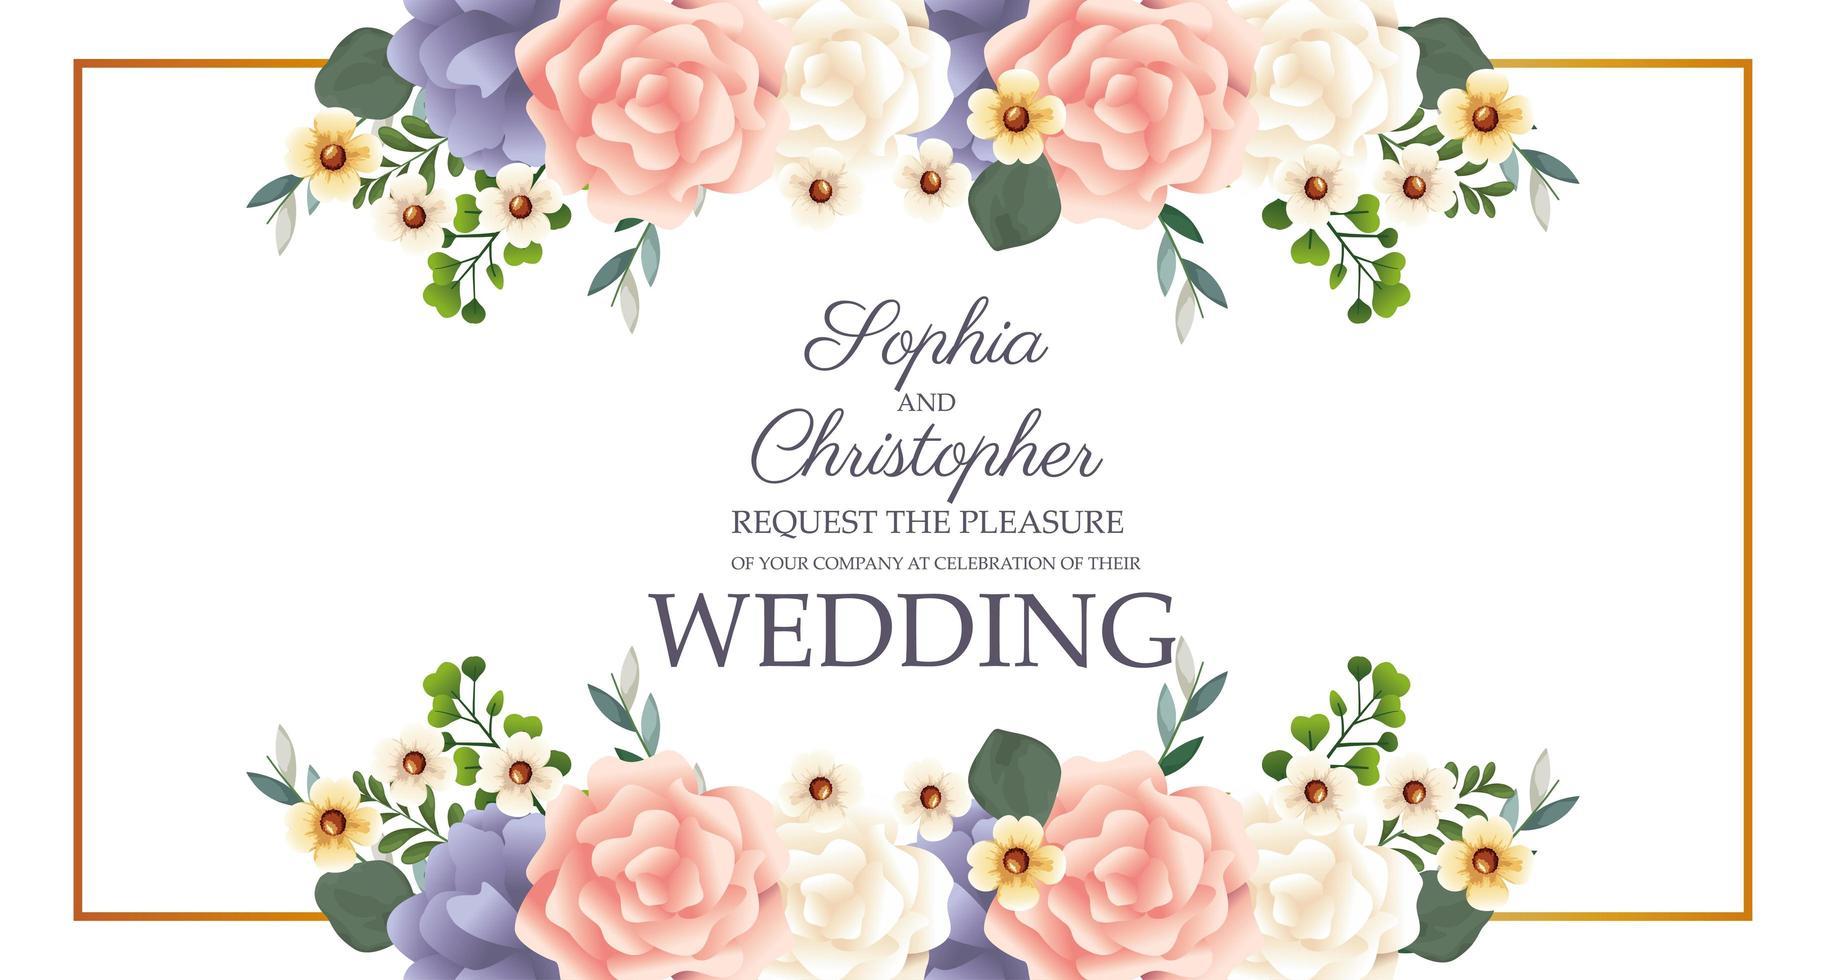 convite de casamento com moldura floral retangular vetor